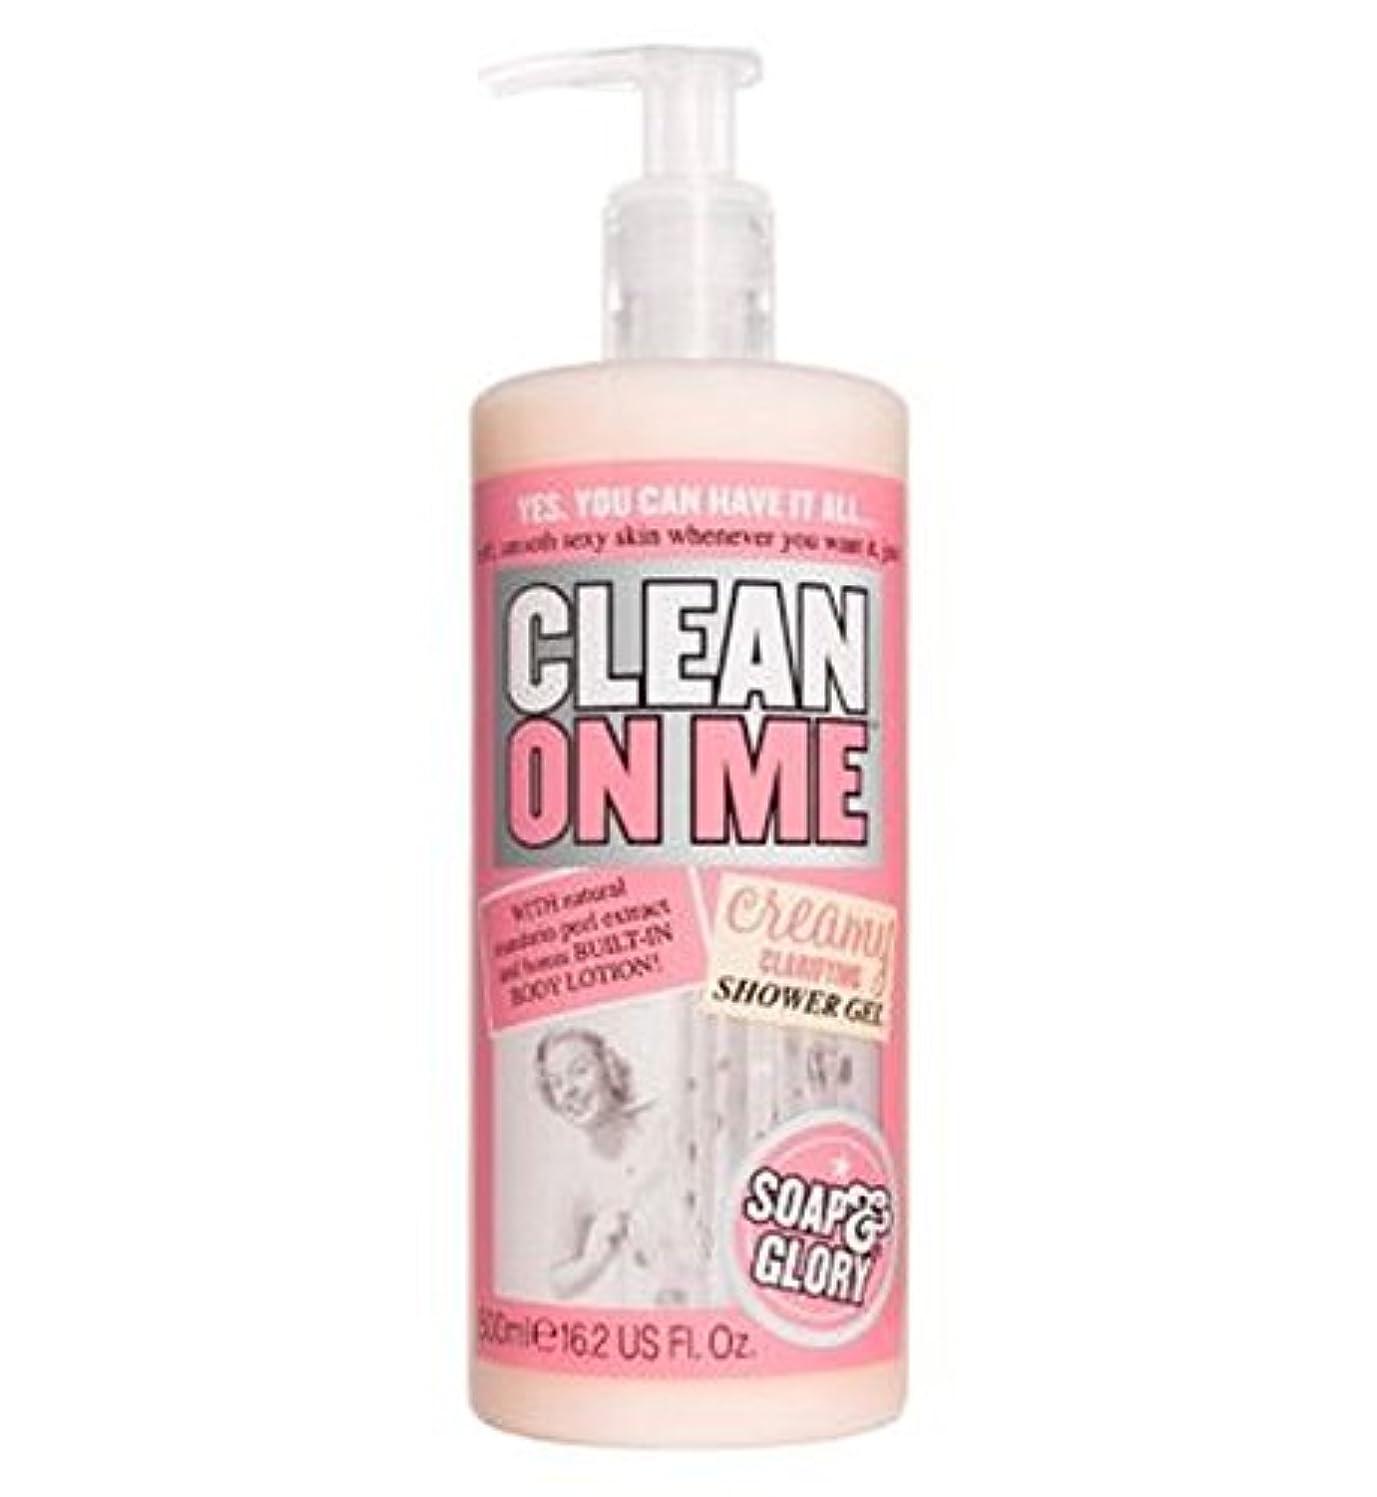 暗殺するプレゼントインタフェースSoap & Glory Clean On Me Creamy Clarifying Shower Gel 500ml - 私にきれいな石鹸&栄光はシャワージェル500ミリリットルを明確にクリーミー (Soap & Glory...